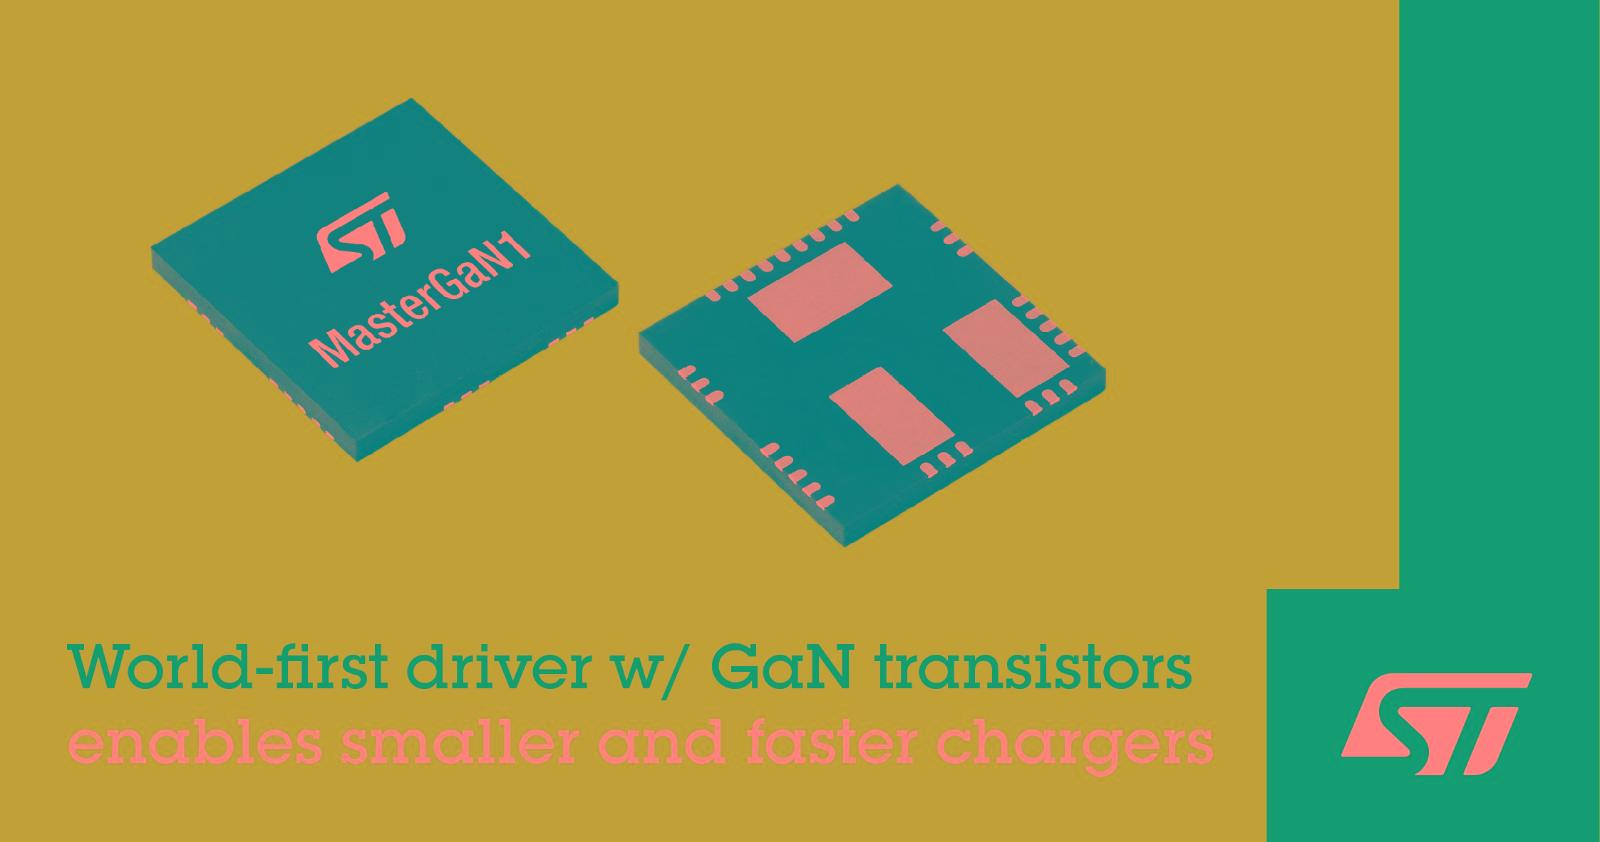 ST新闻稿2020年10月10日——意法半导体推出世界首款驱动与GaN集成产品开创更小、更快充电器电源时代_clean2.jpg